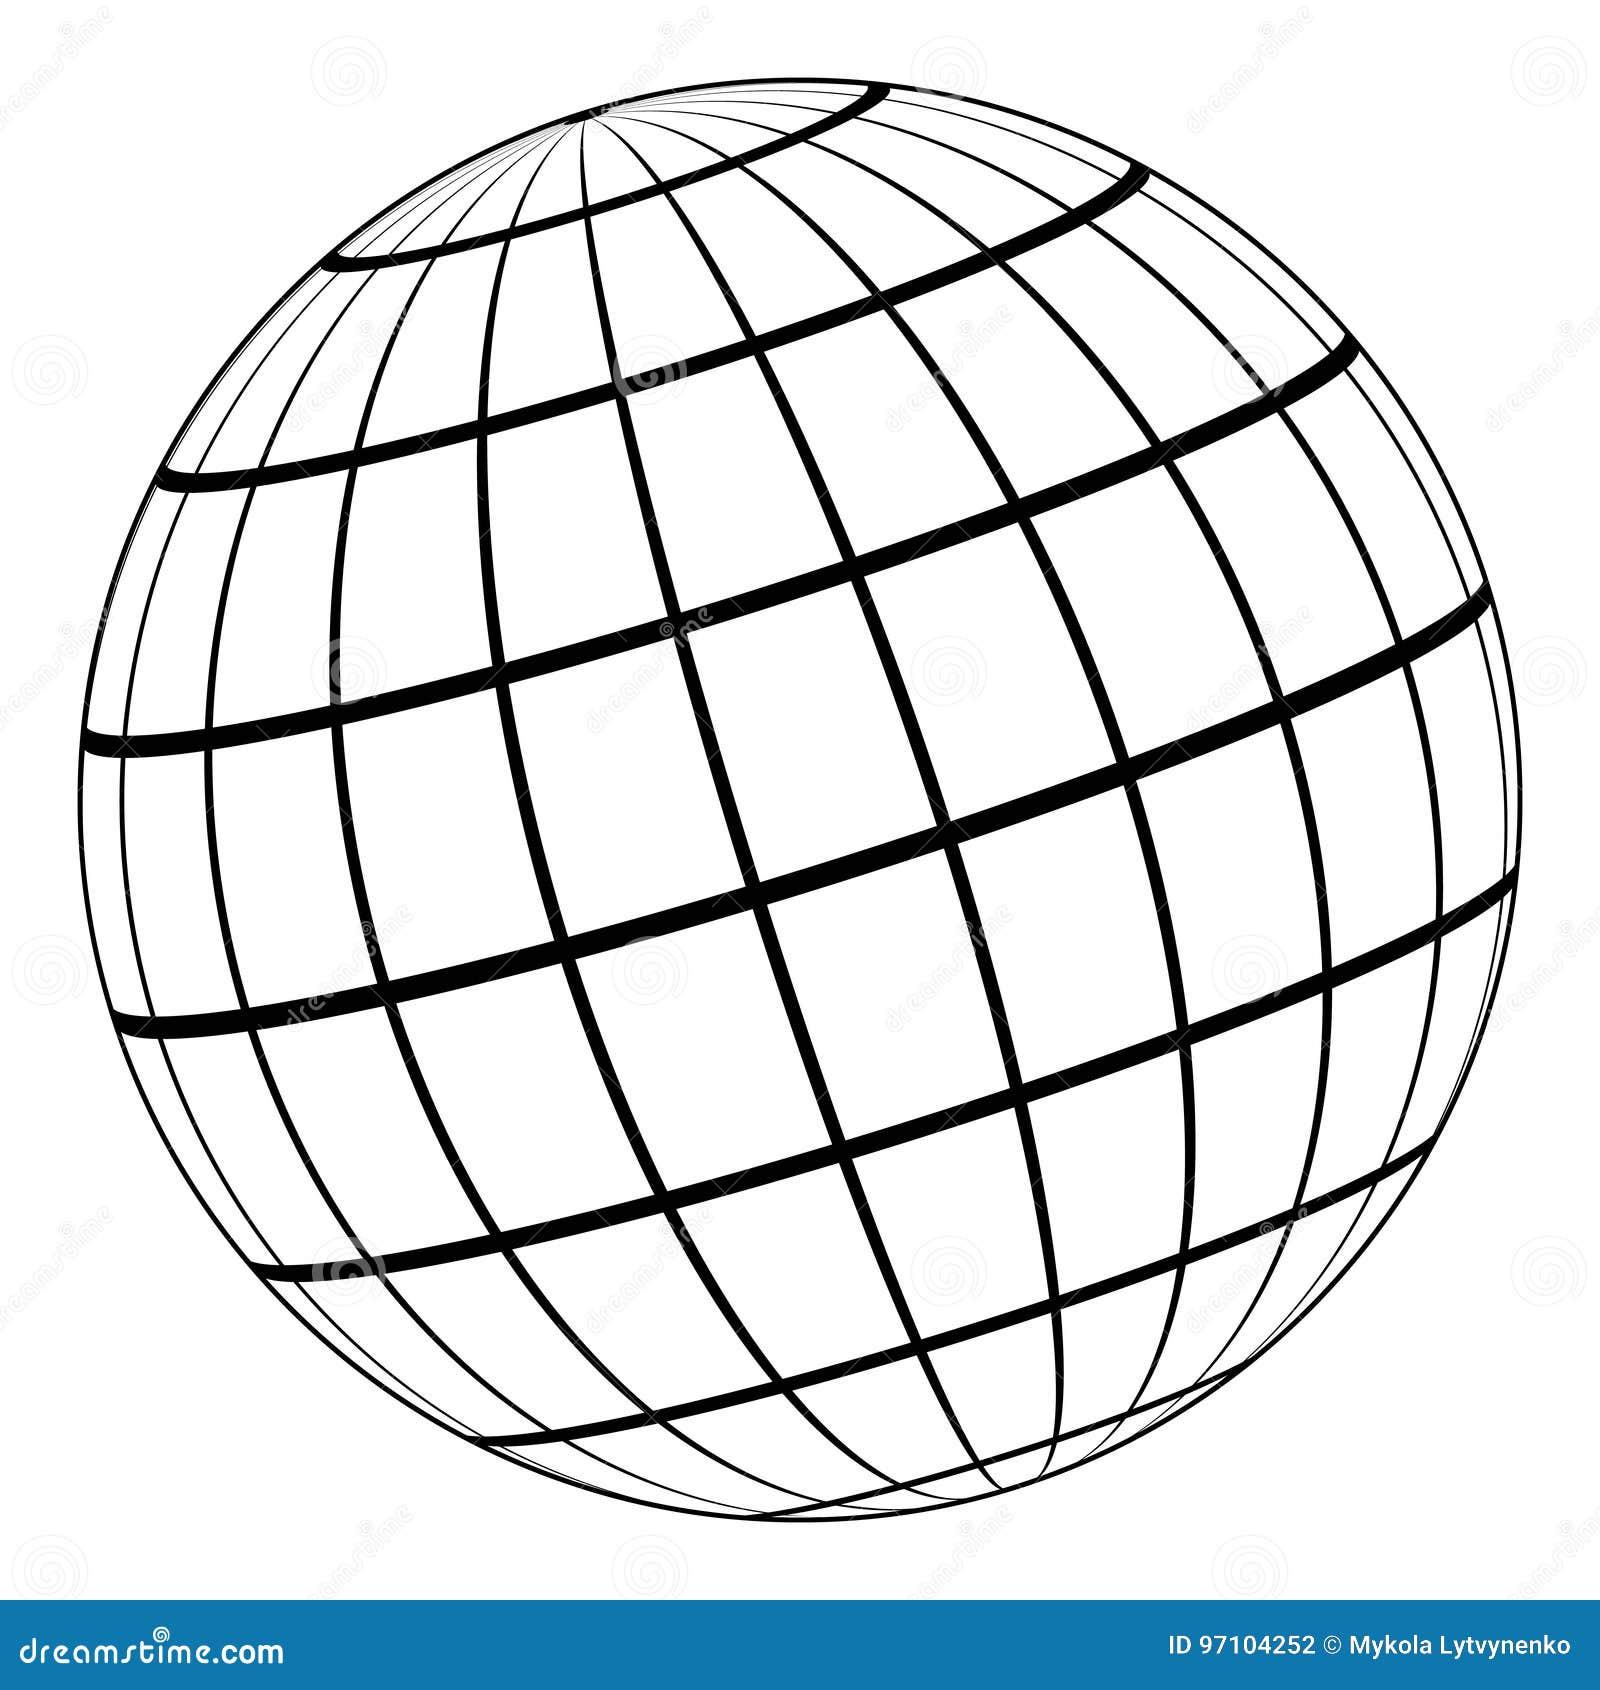 地球或行星,天体的模型的地球3D模型与坐标格网的